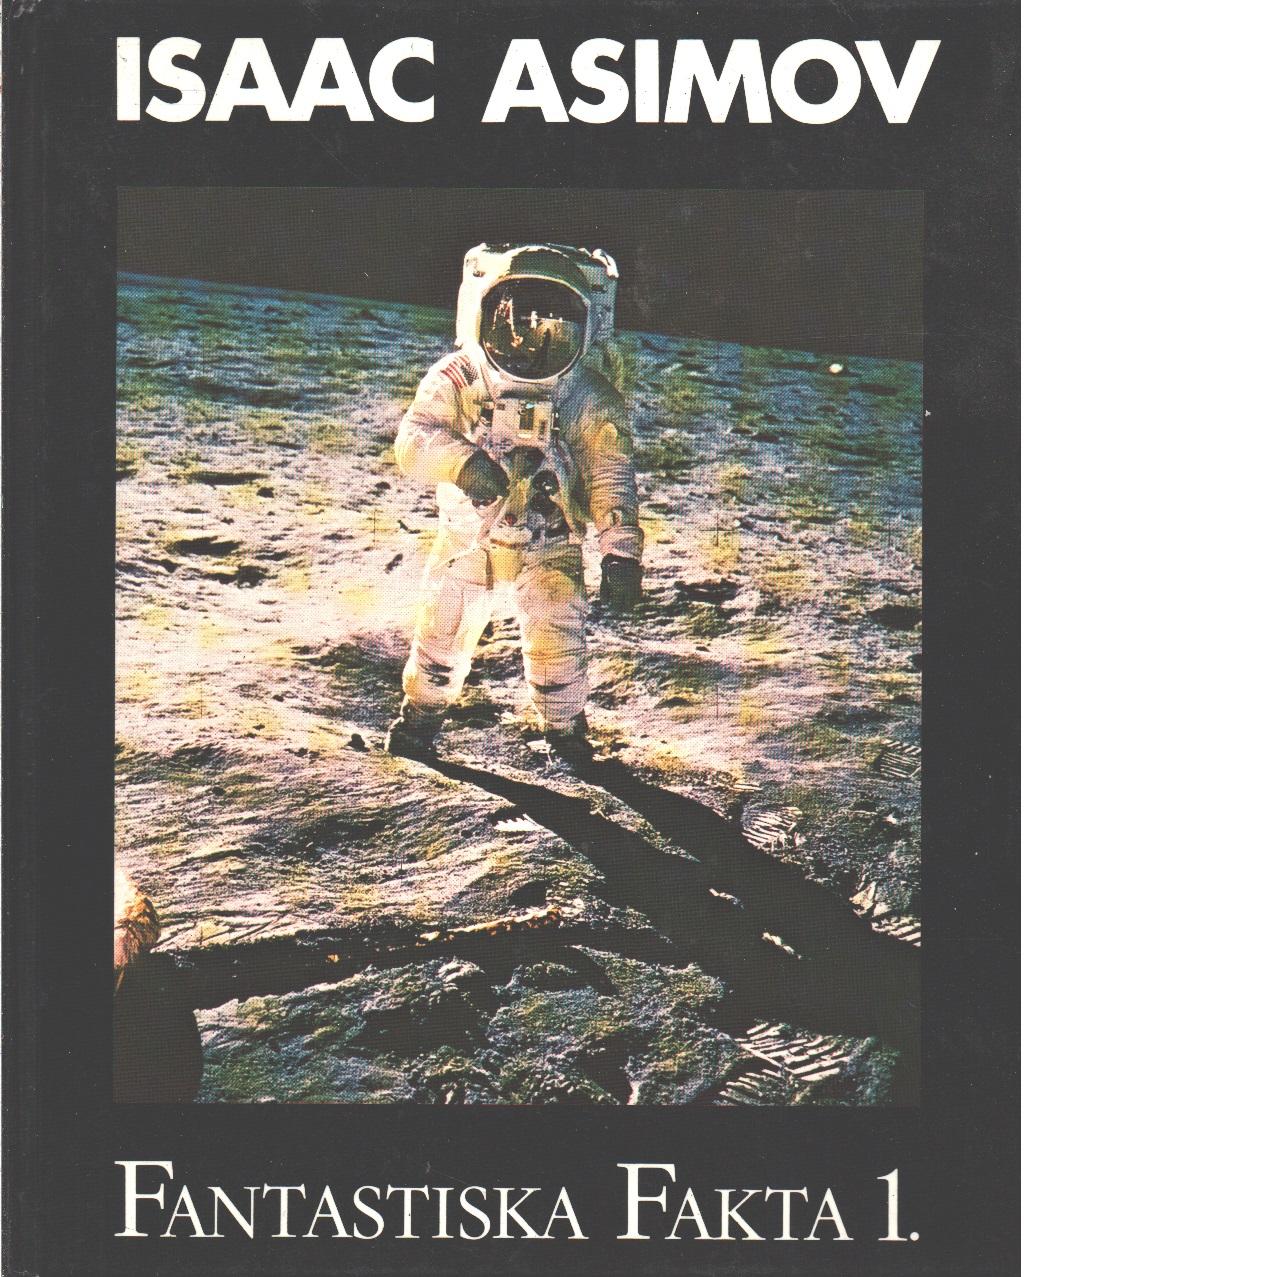 Fantastiska fakta 1 - Asimov, Isaac